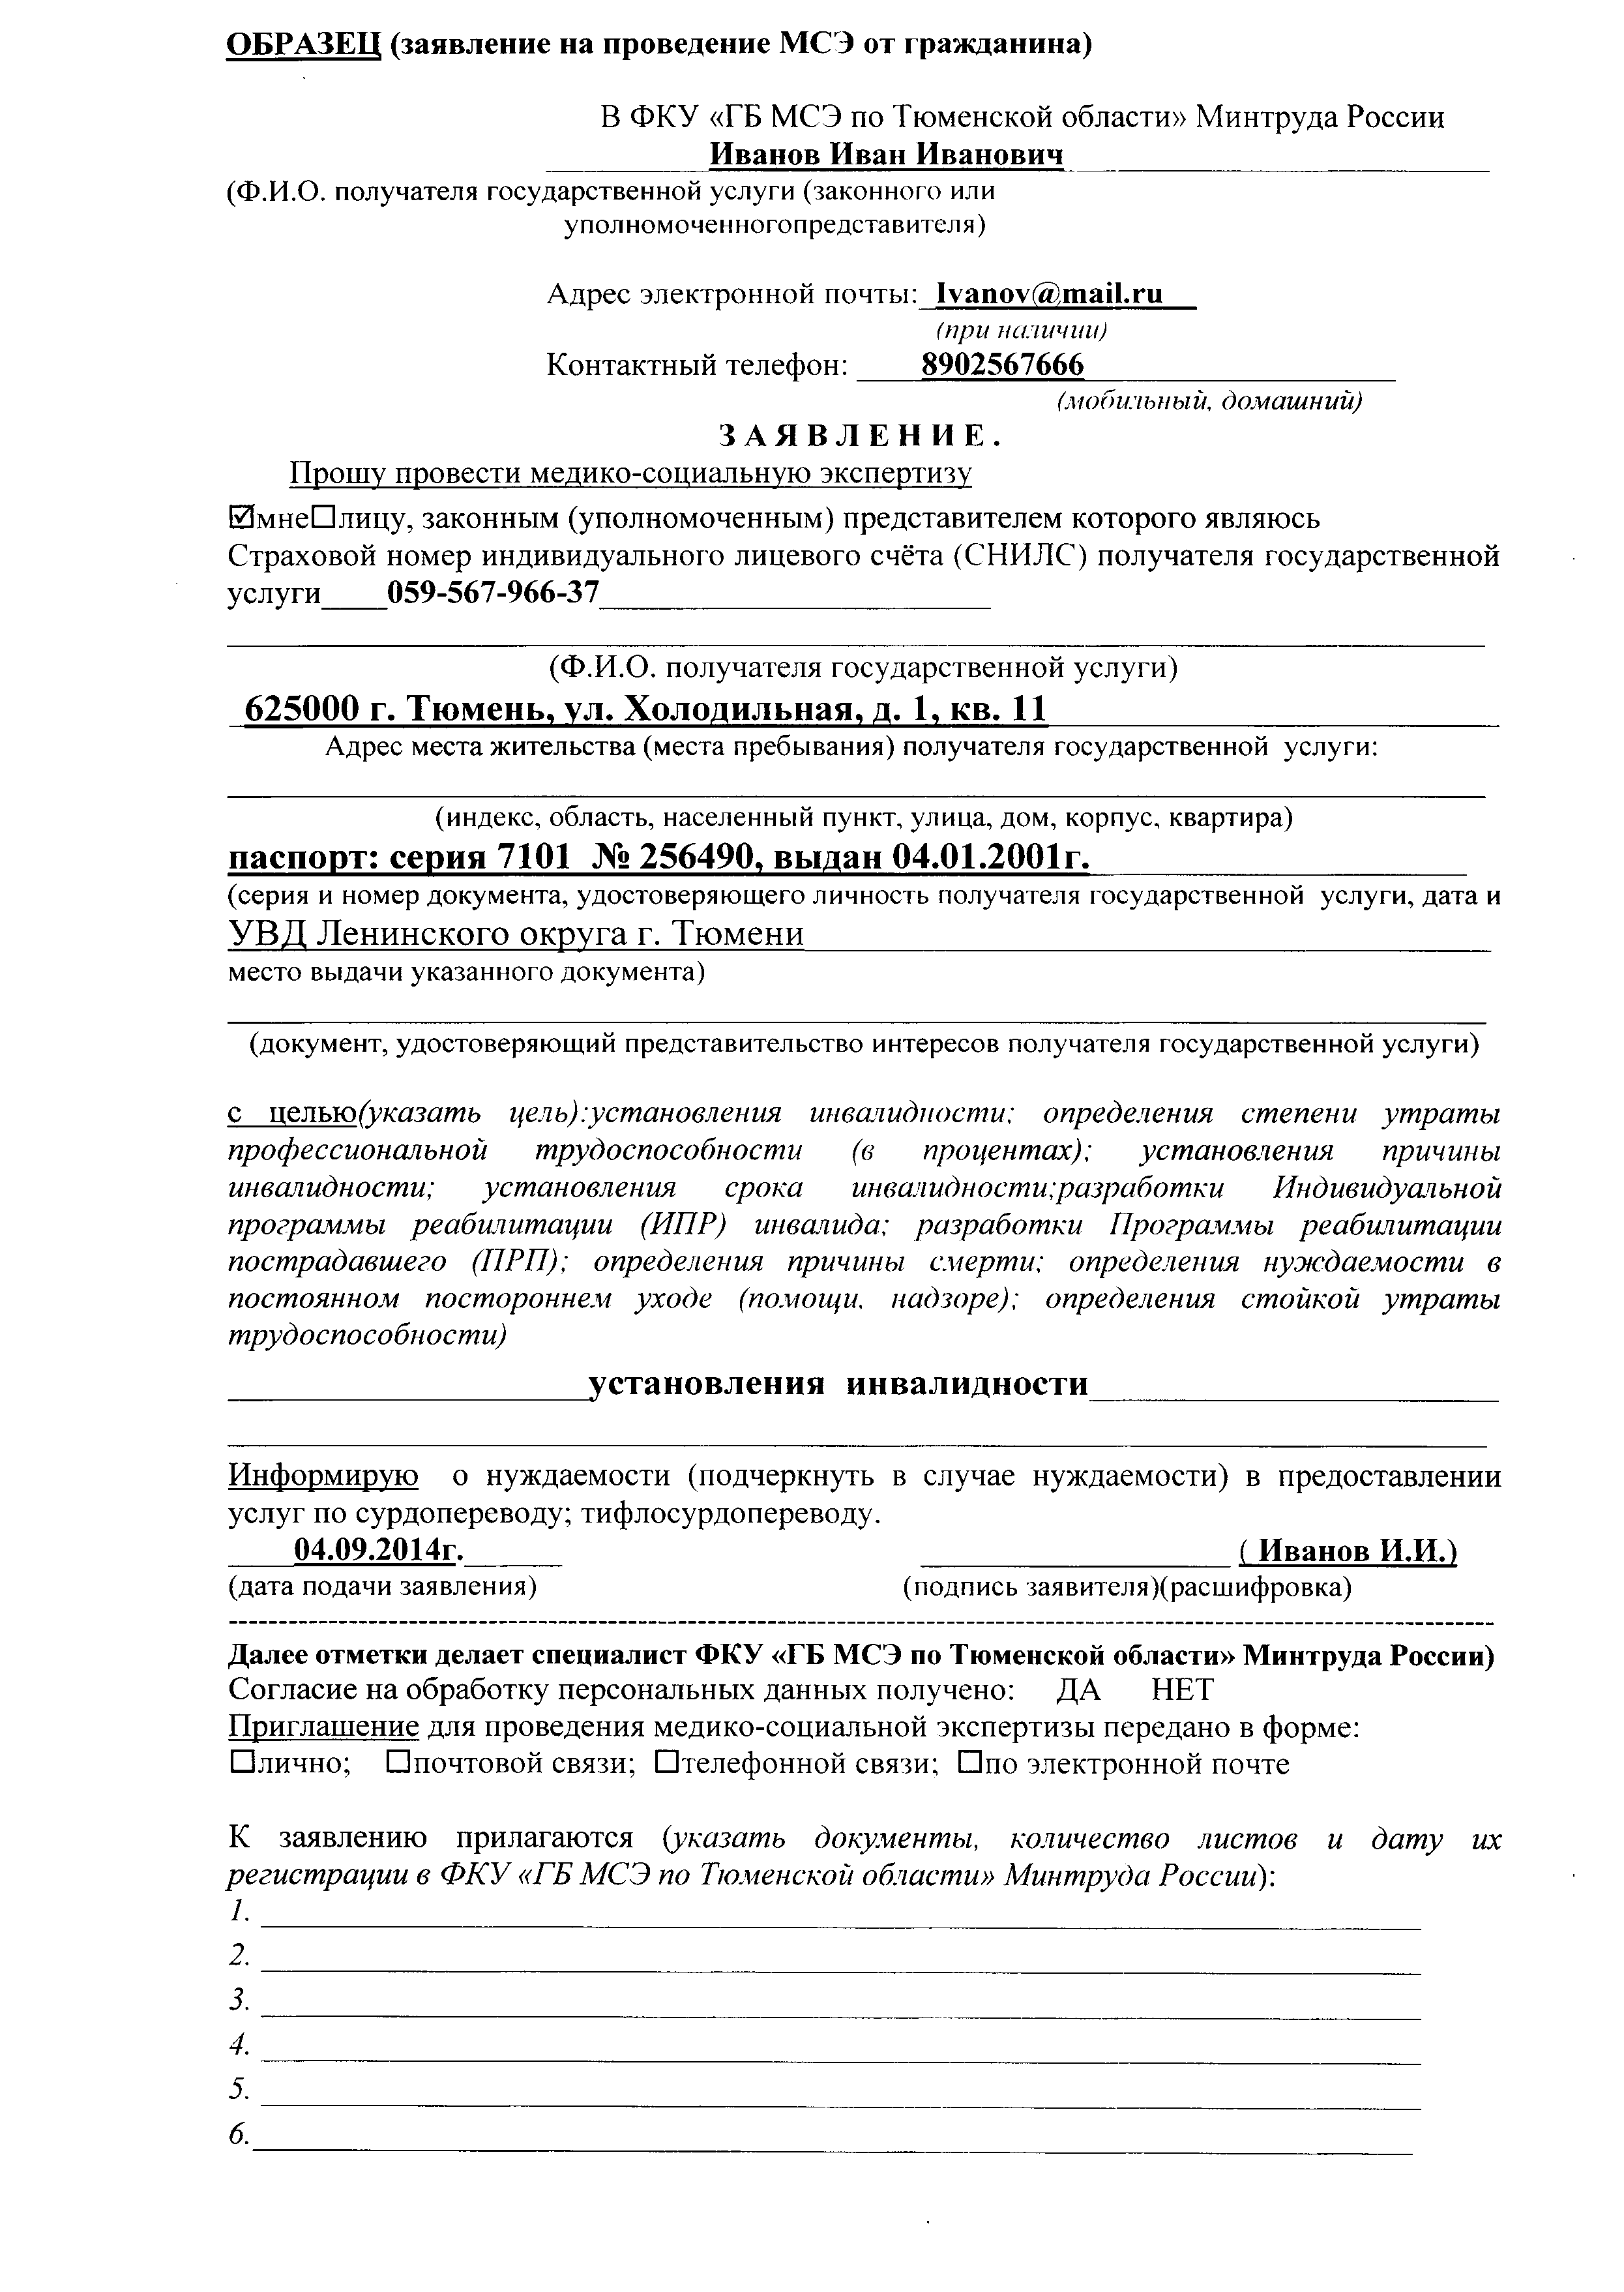 Заявление на МСЭ и посыльный лист: новые формы с декабря 2018